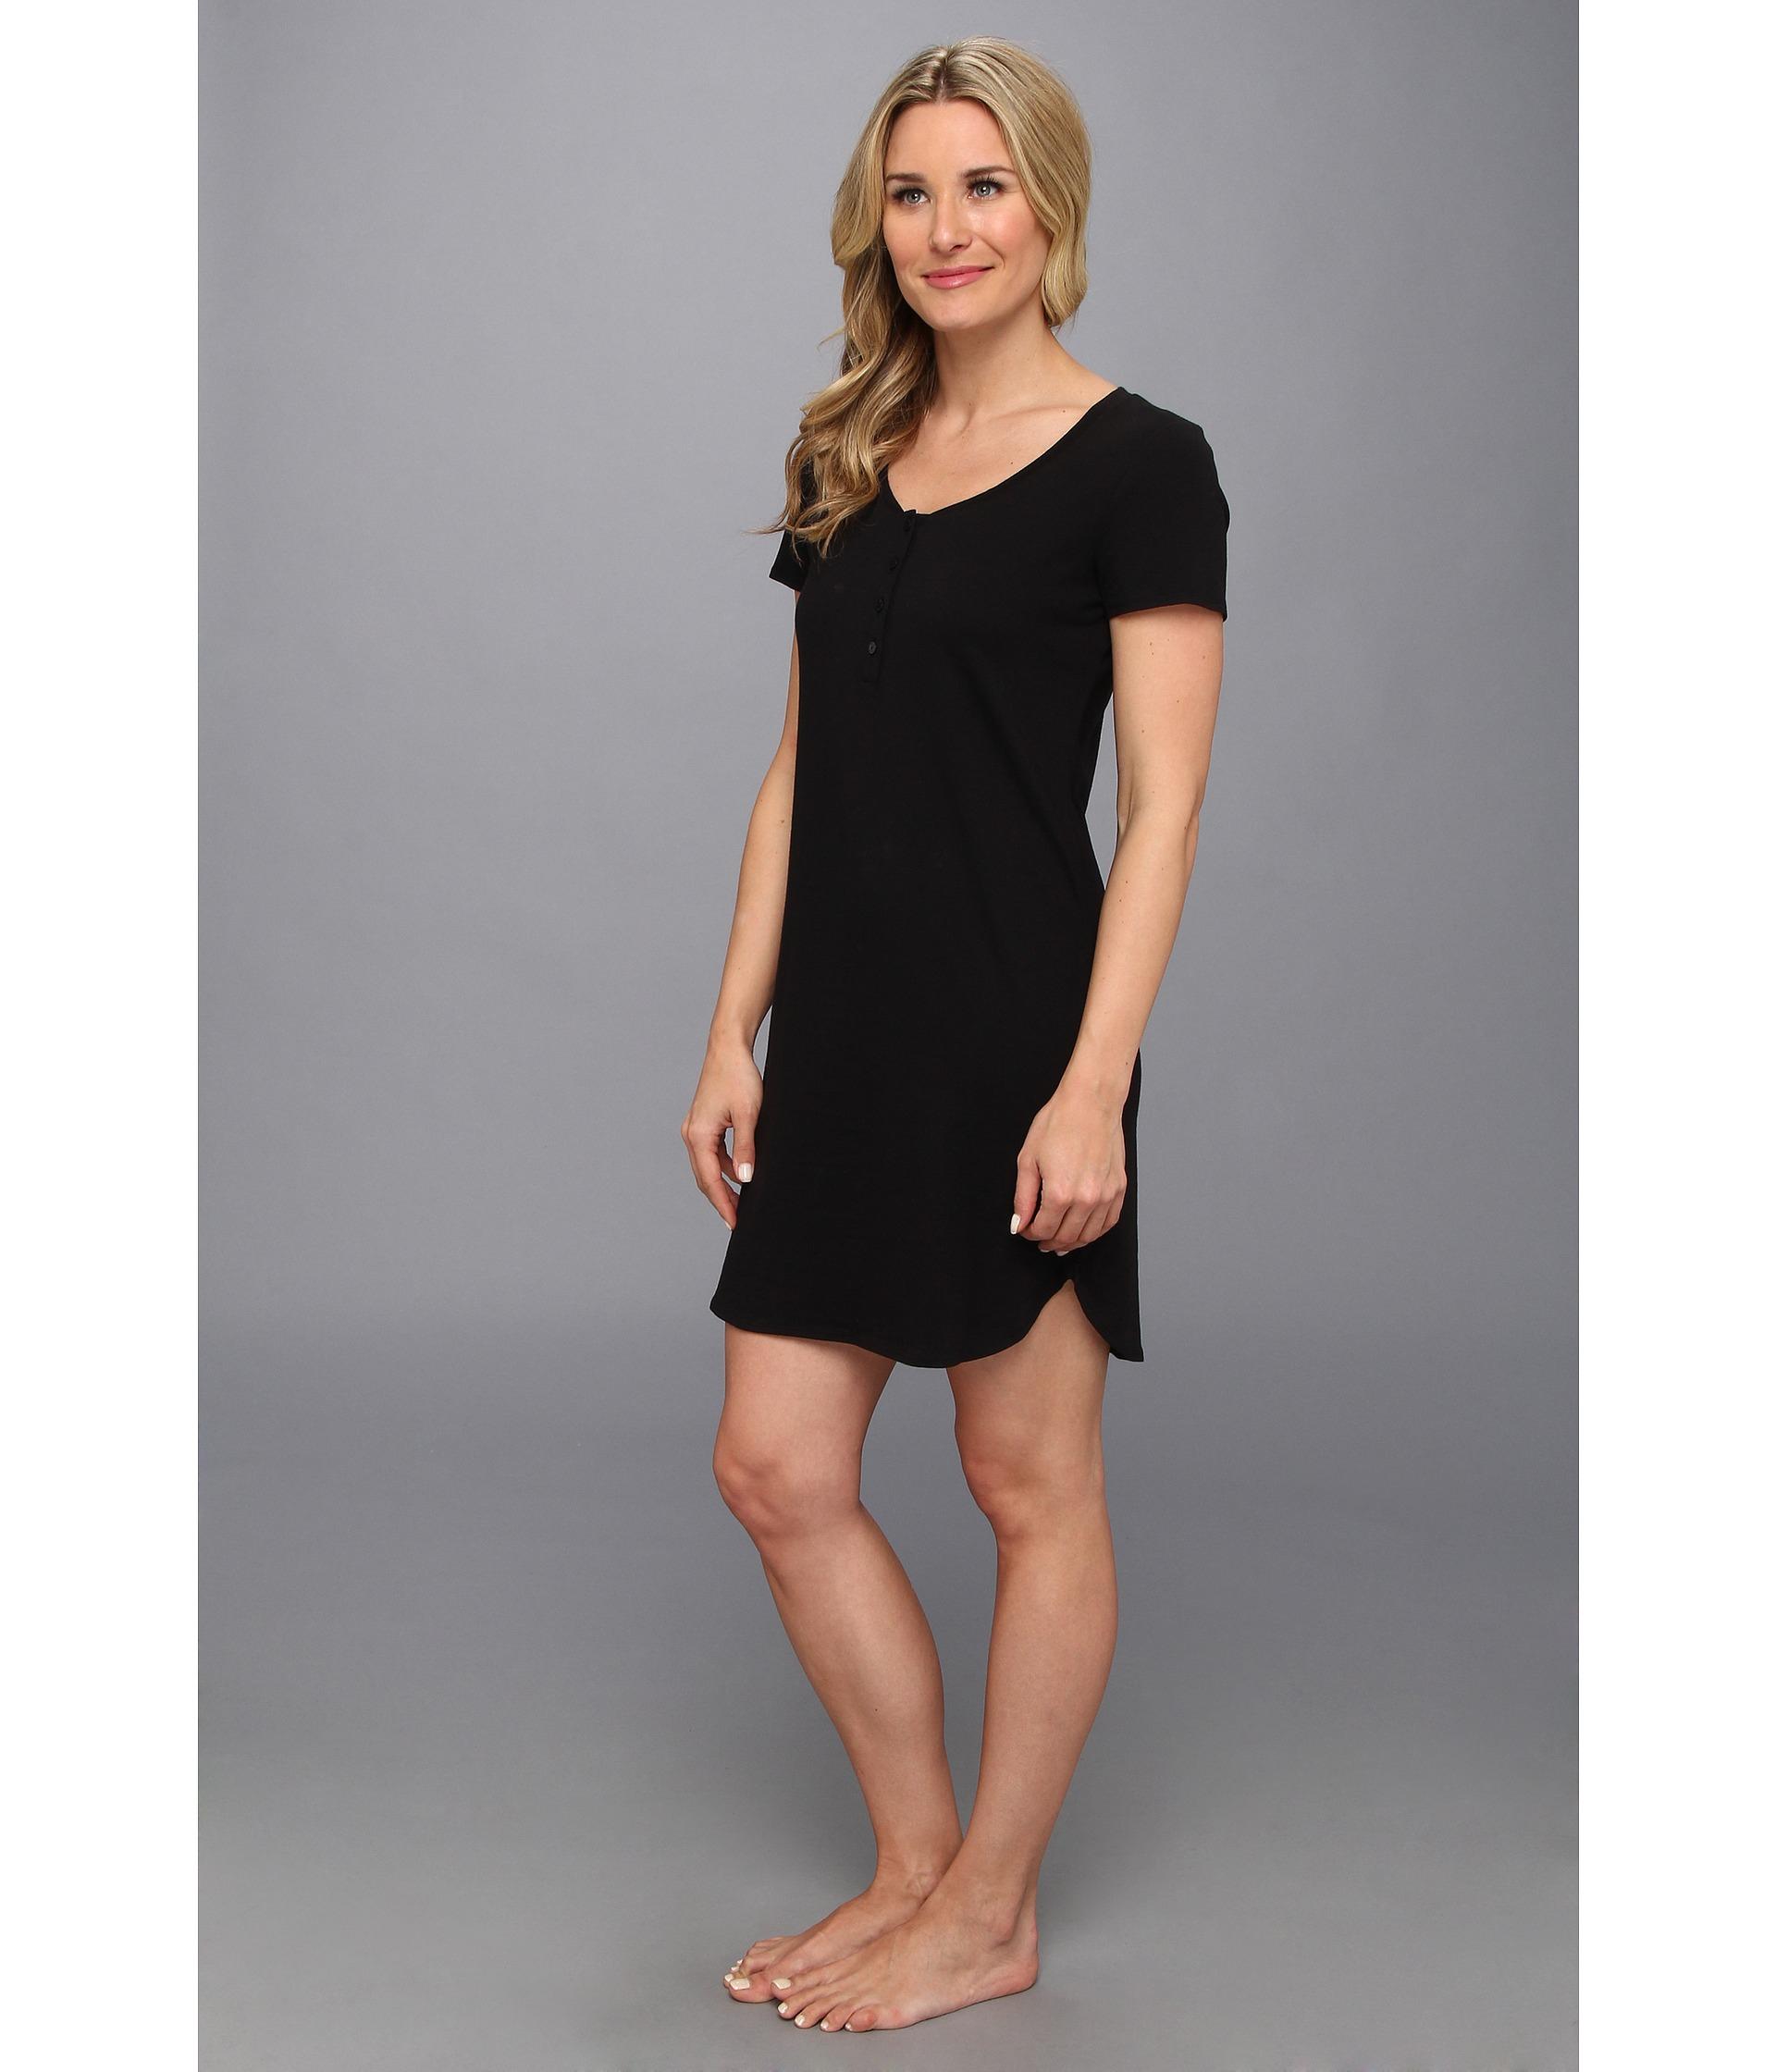 c80bc92bfb Lyst - Calvin Klein Ss Nightshirt in Black